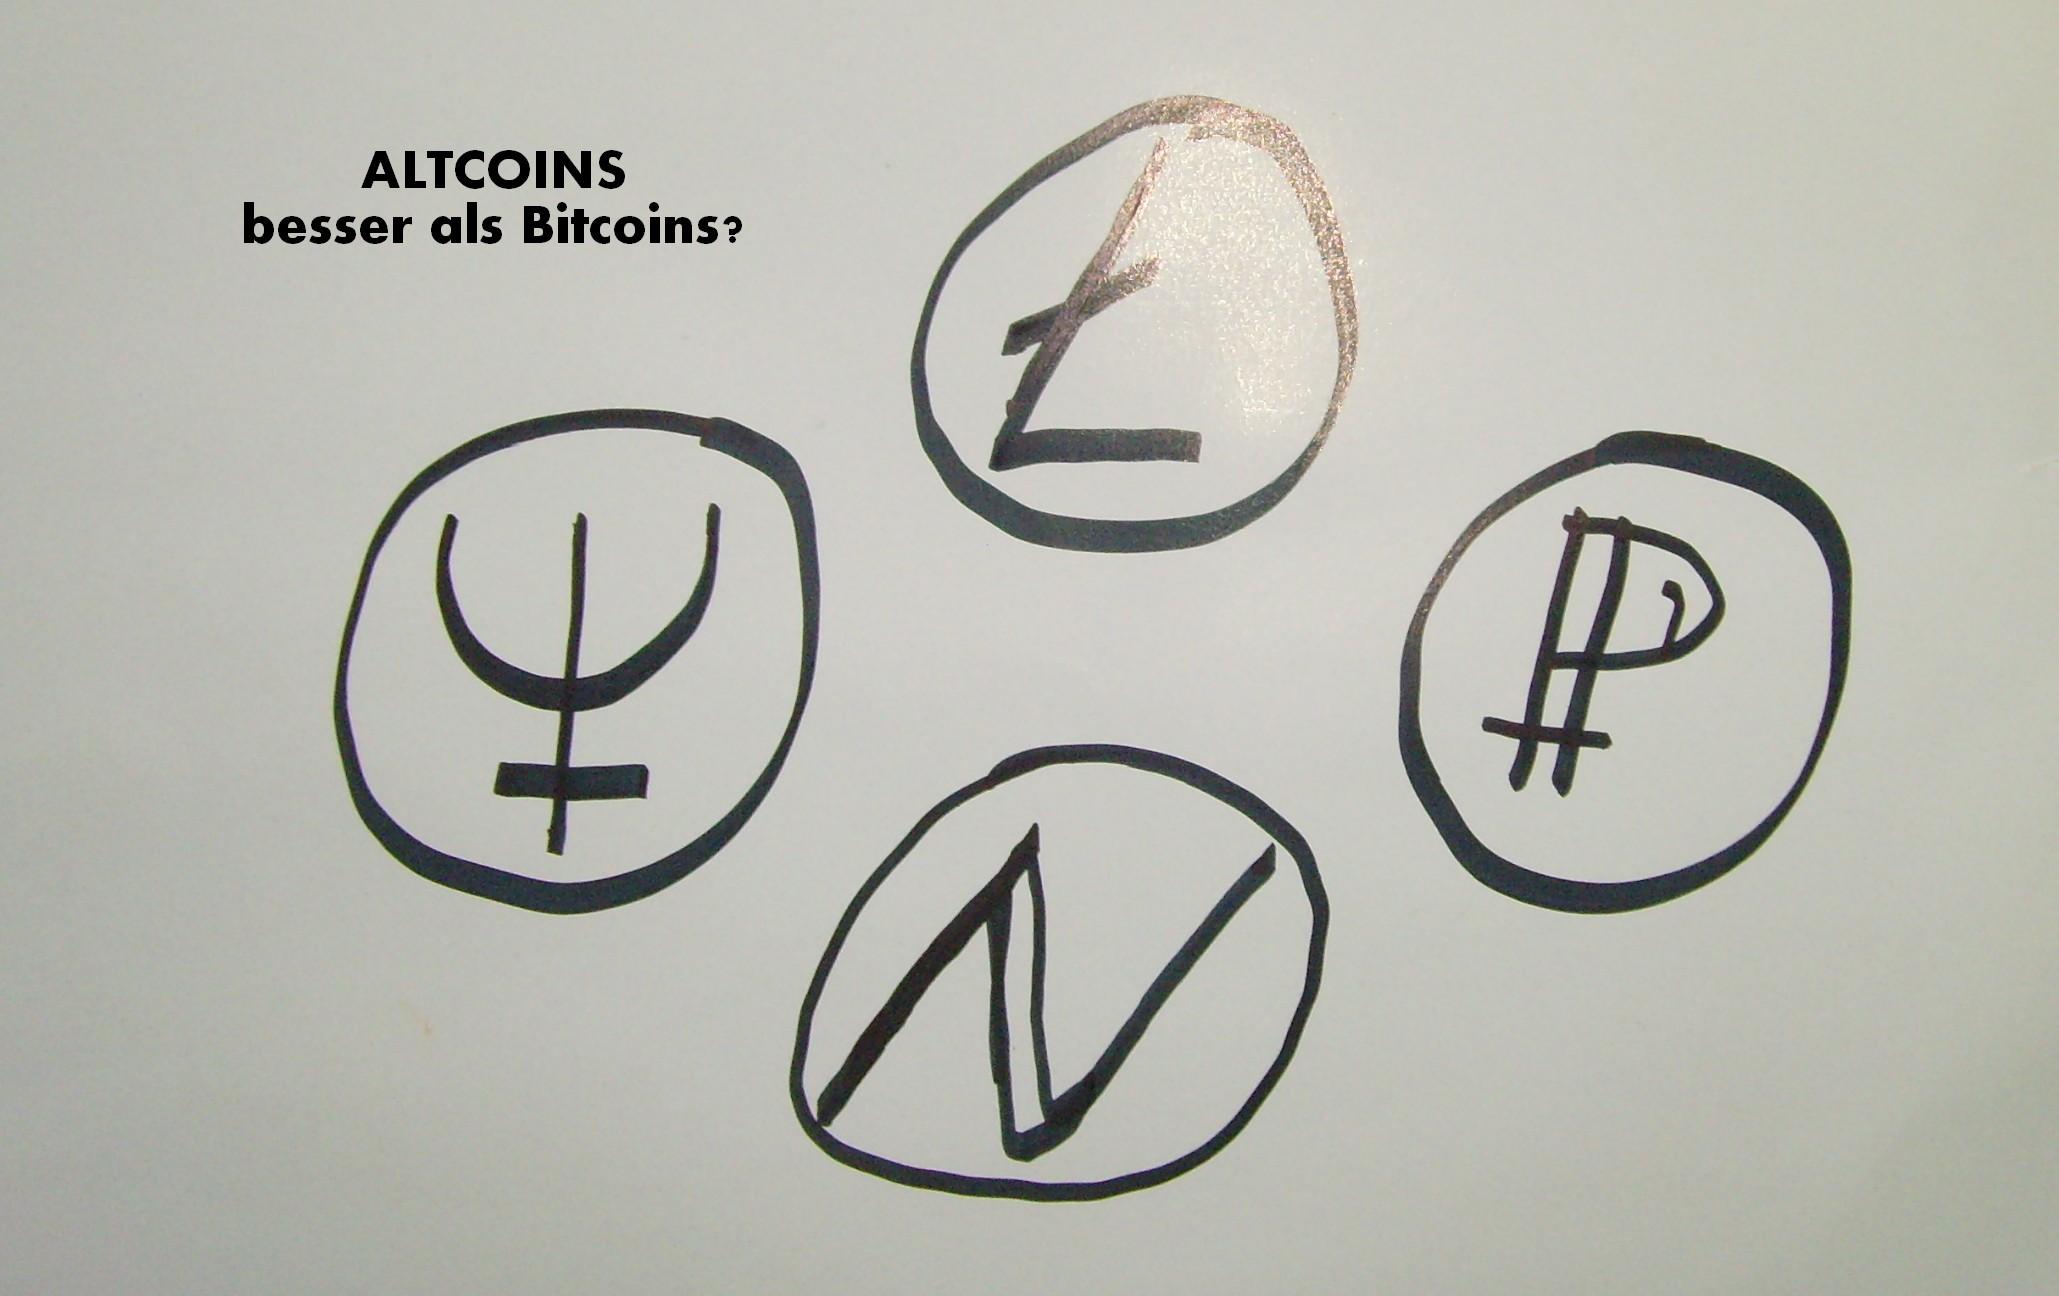 altcoins002.jpg